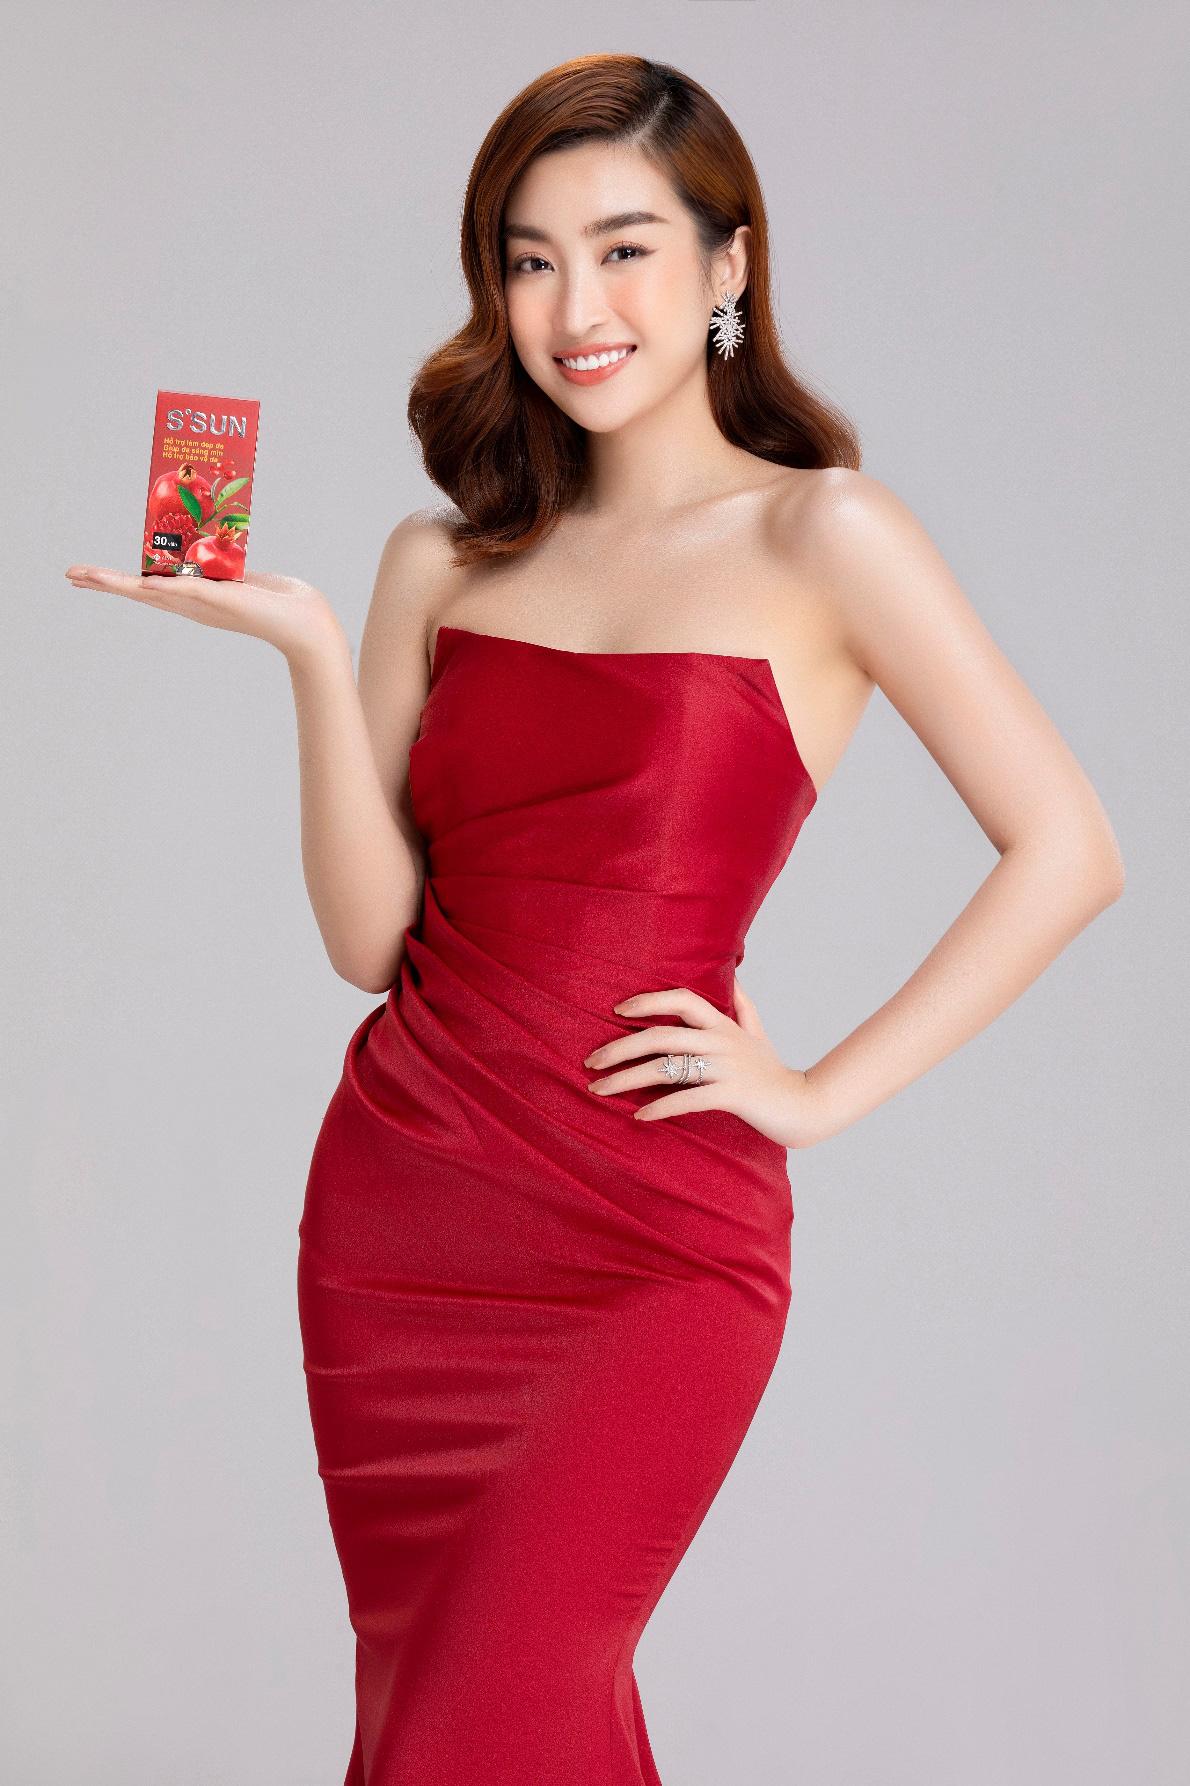 Hoa hậu Đỗ Mỹ Linh livestream chia sẻ bí quyết chăm sóc da từ TPBVSK S'SUN - Ảnh 3.